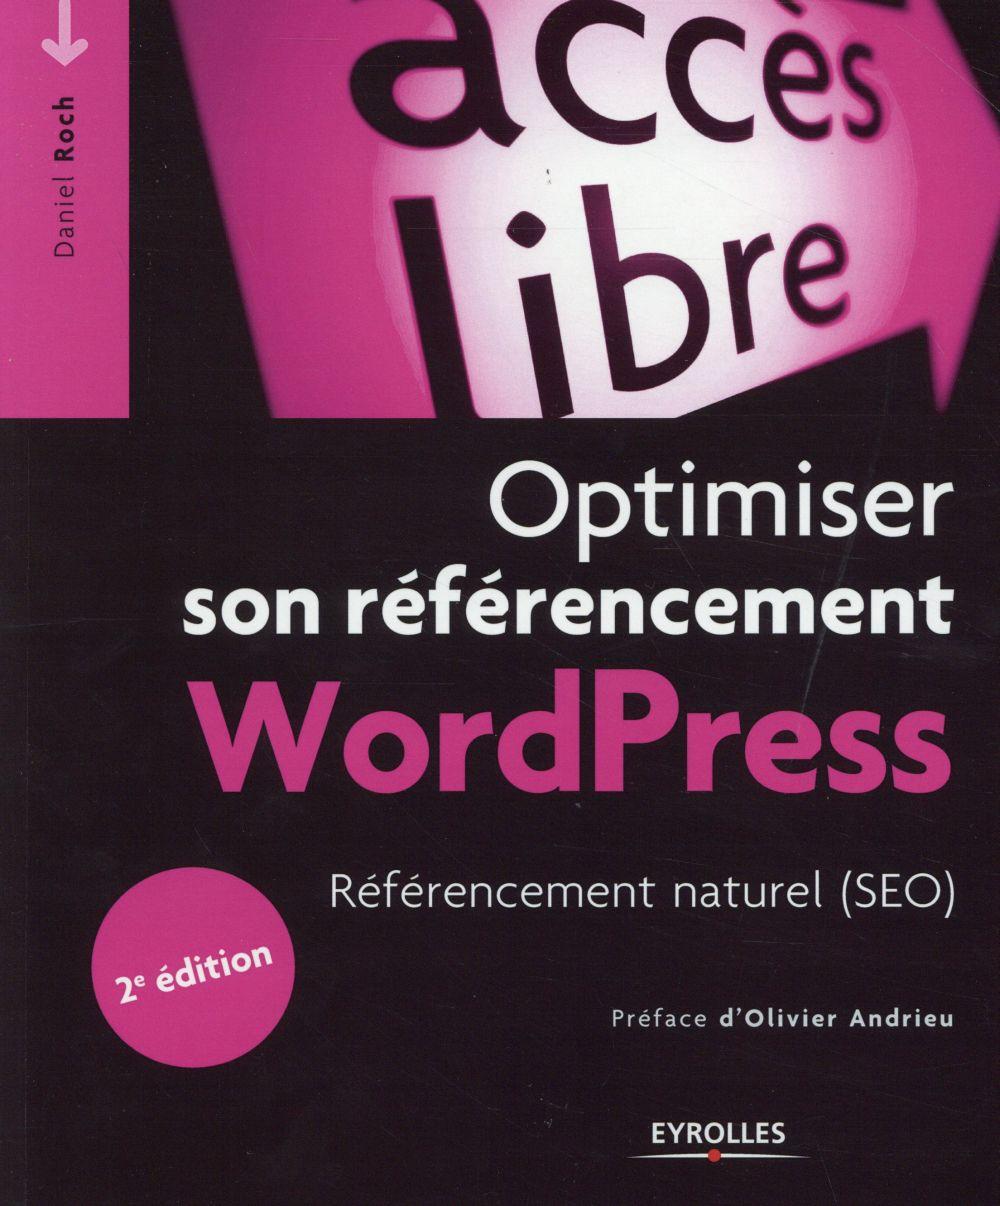 Optimiser son référencement Wordpress (2e édition)